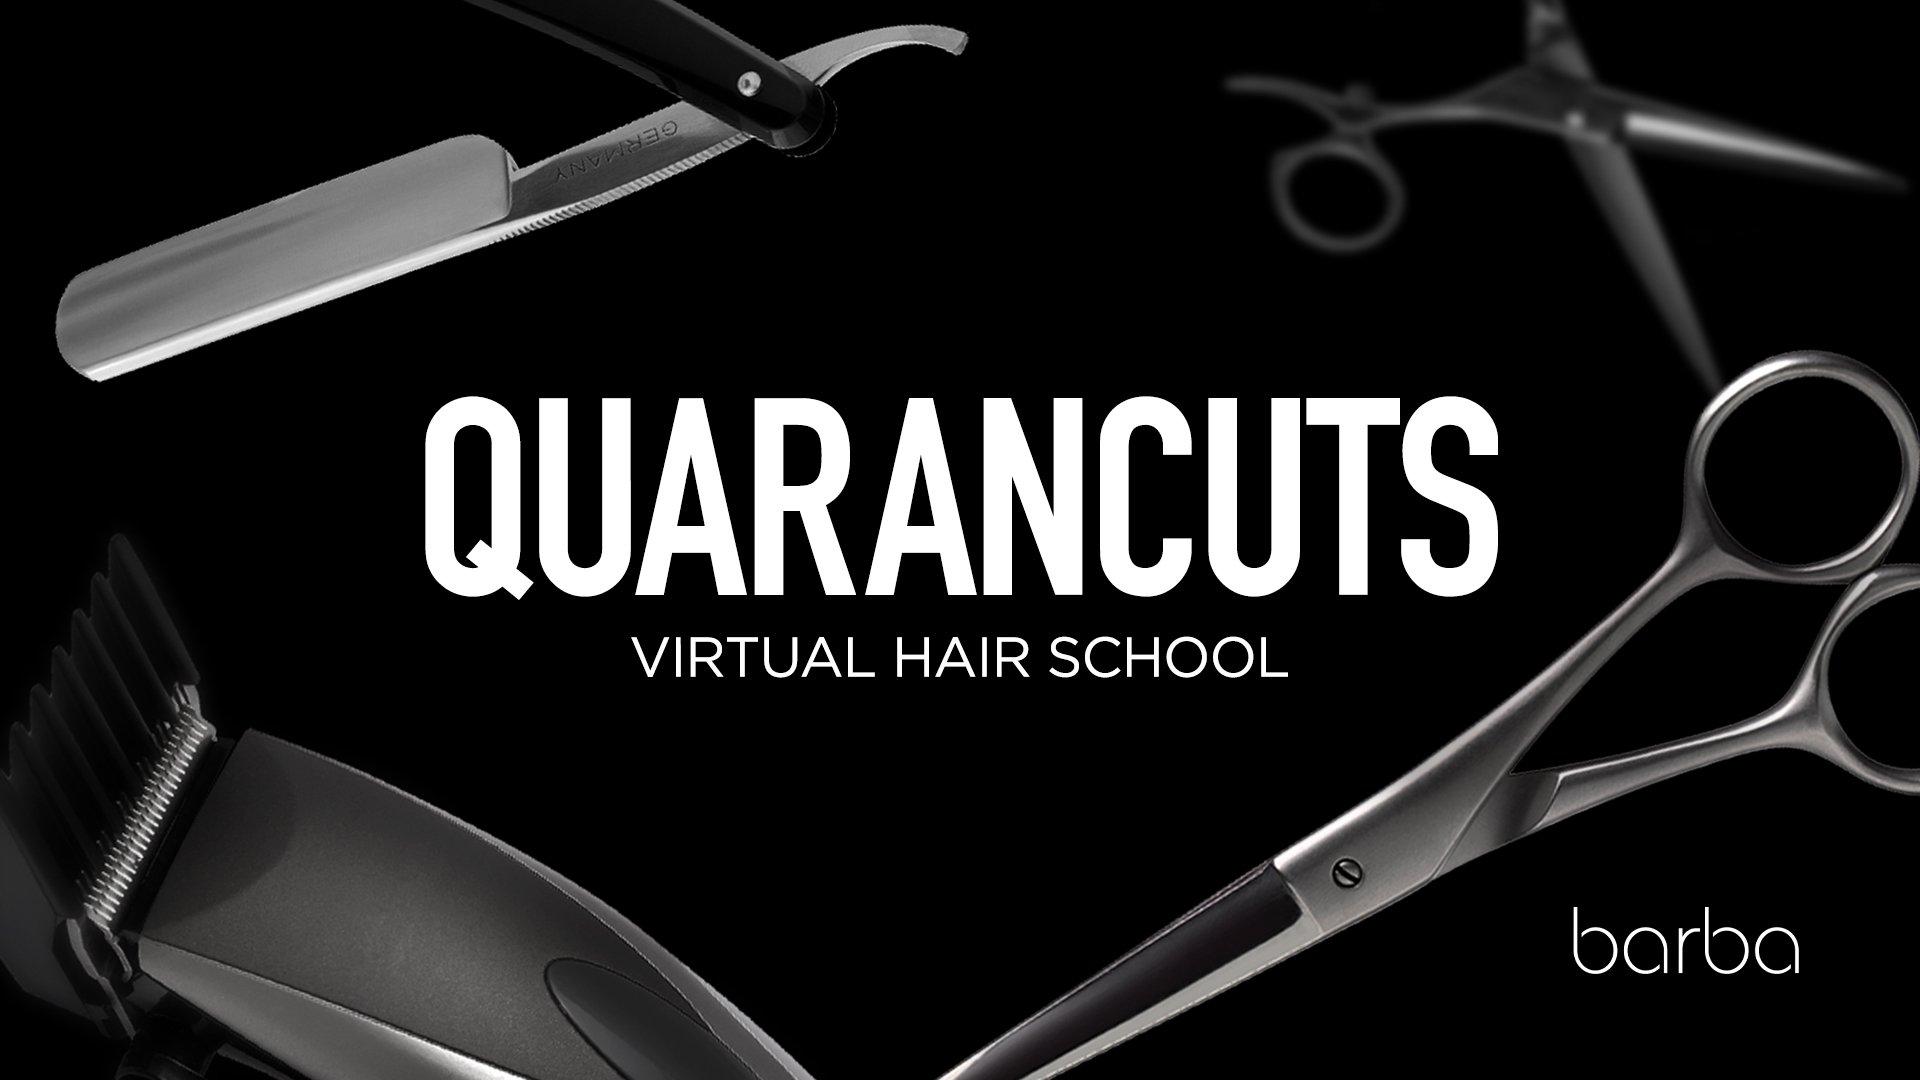 Thumbnail for Quarancuts